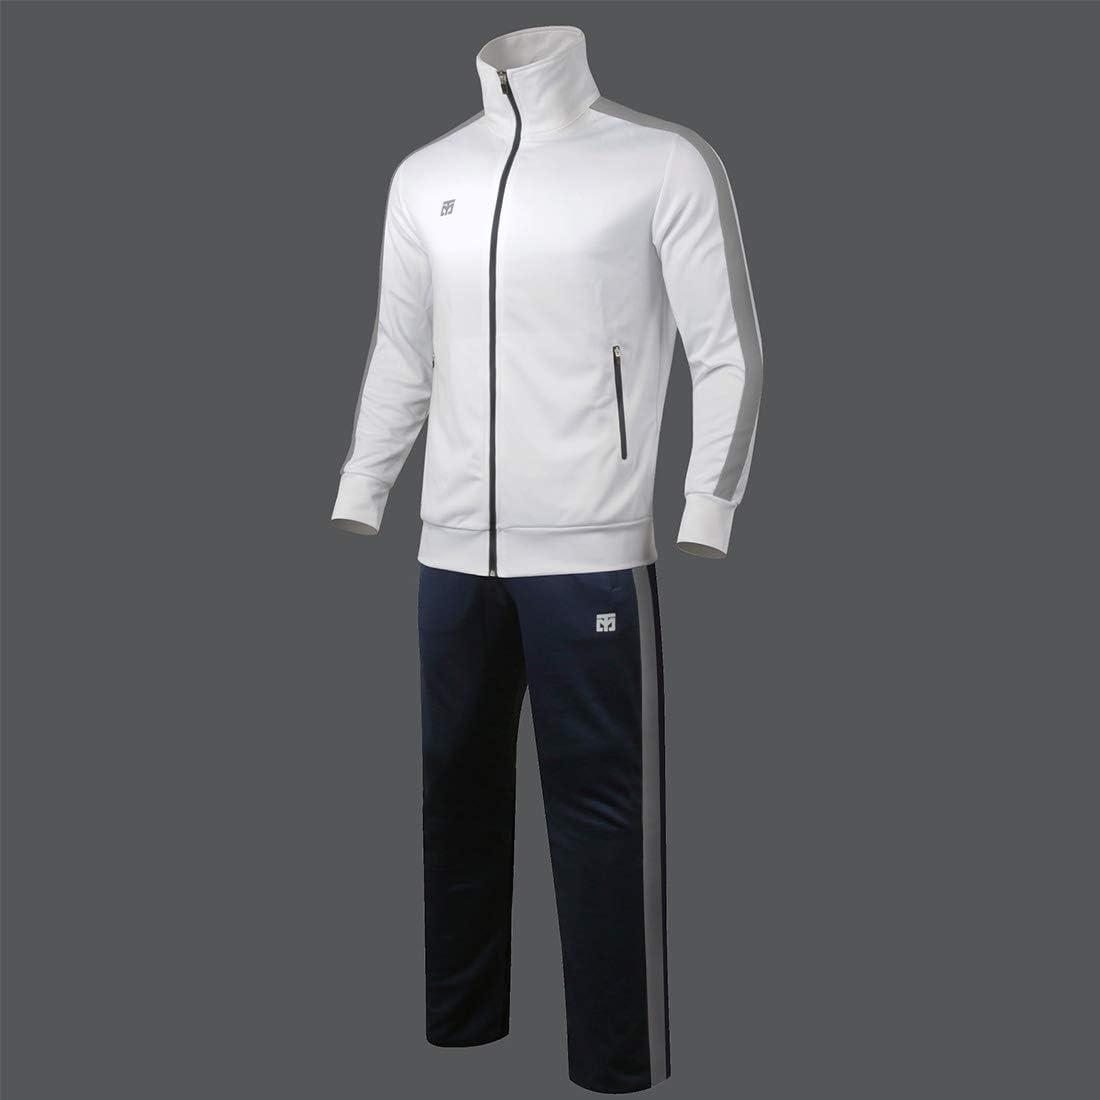 Jacket + Pants MOOTO Evan Training Set Training Uniform Taekwondo